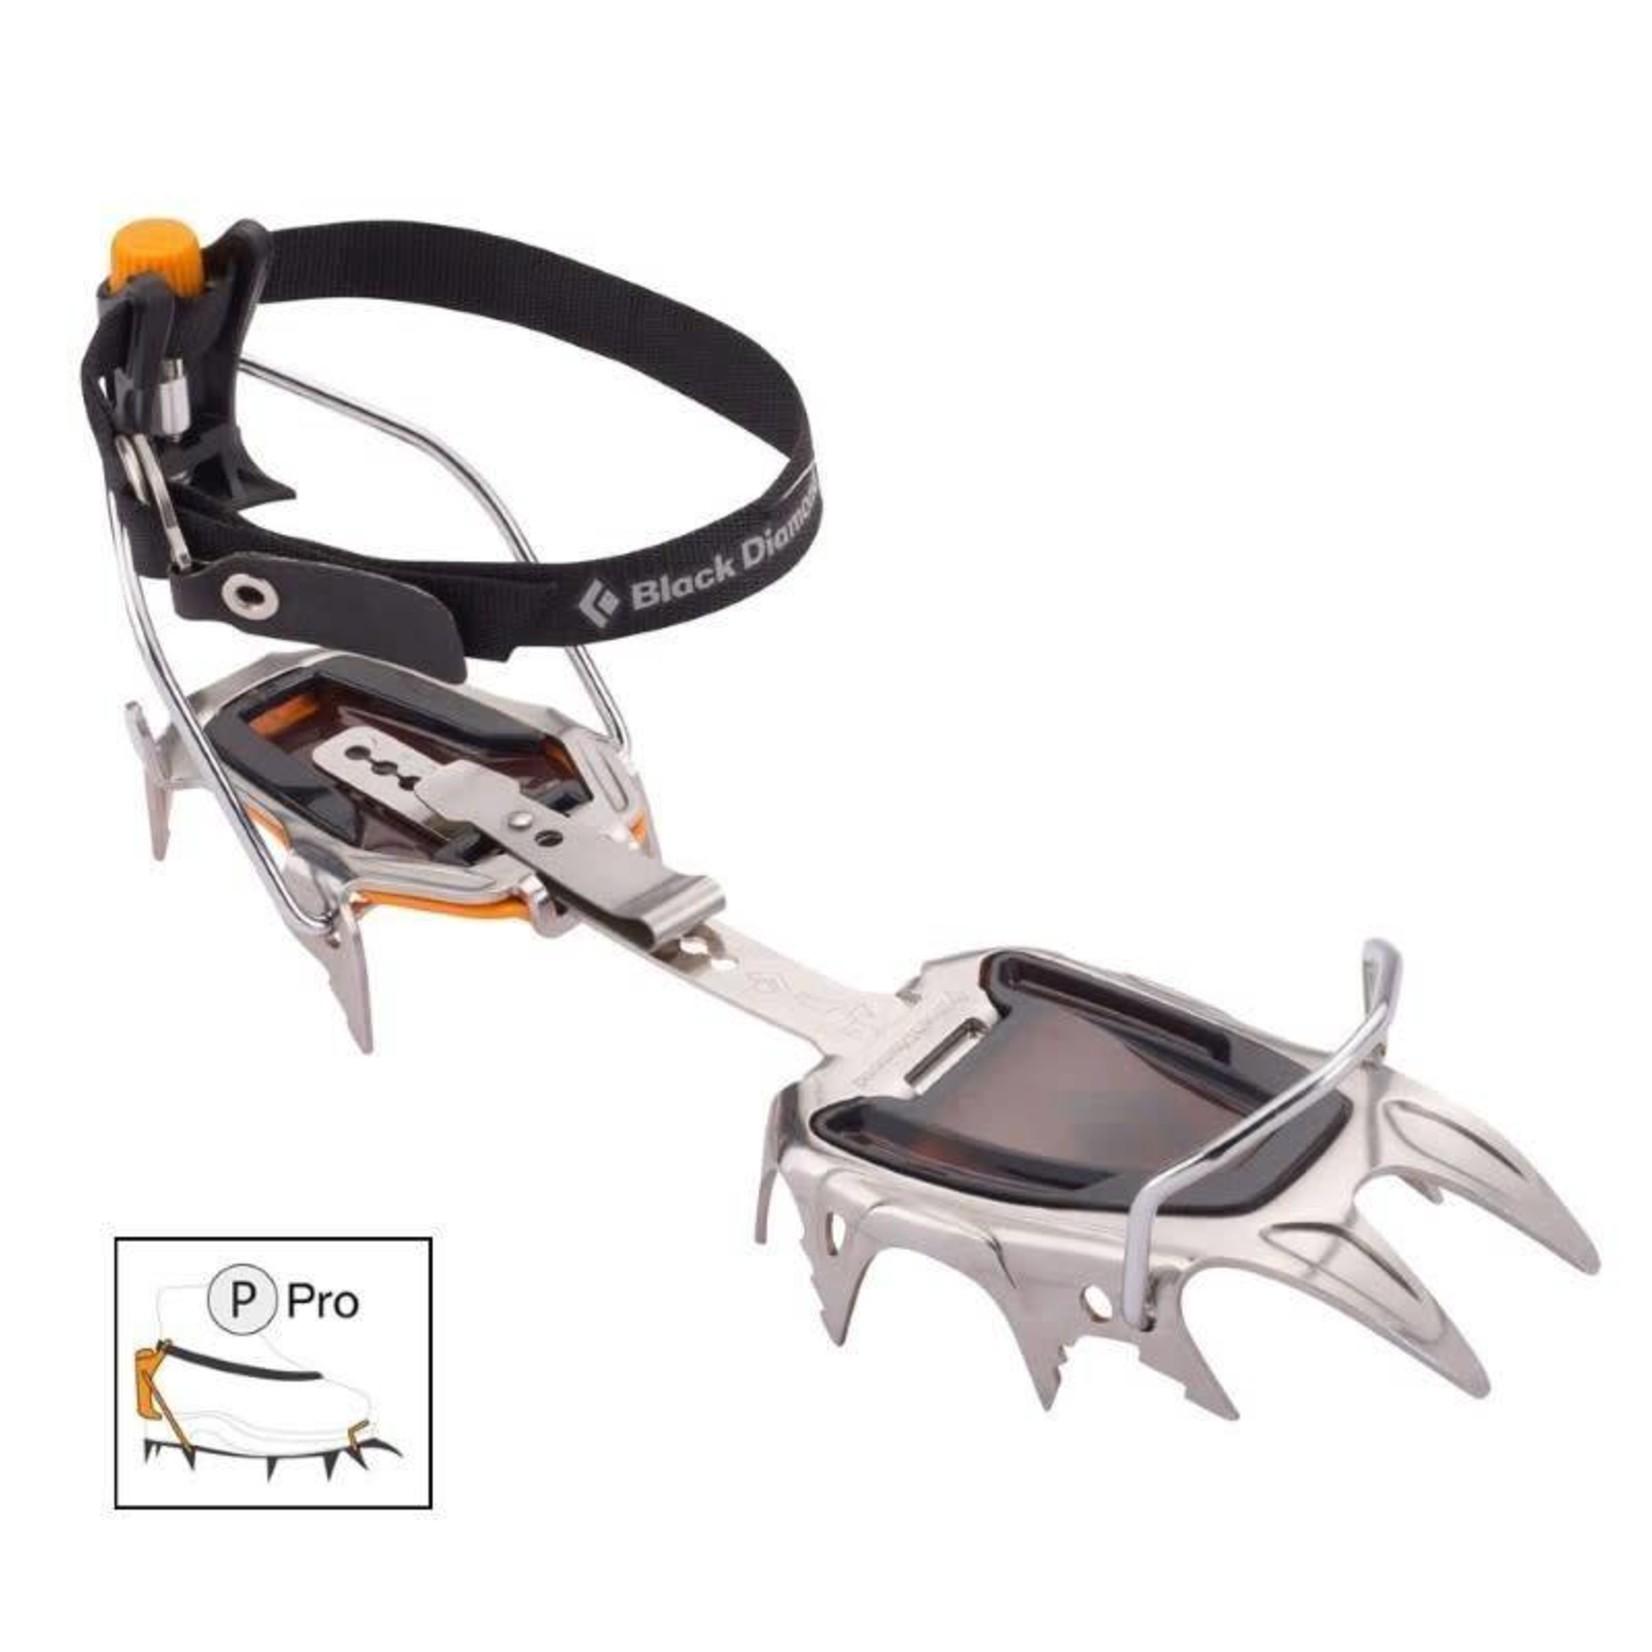 Black Diamond Crampons Black Diamond Sabretooth